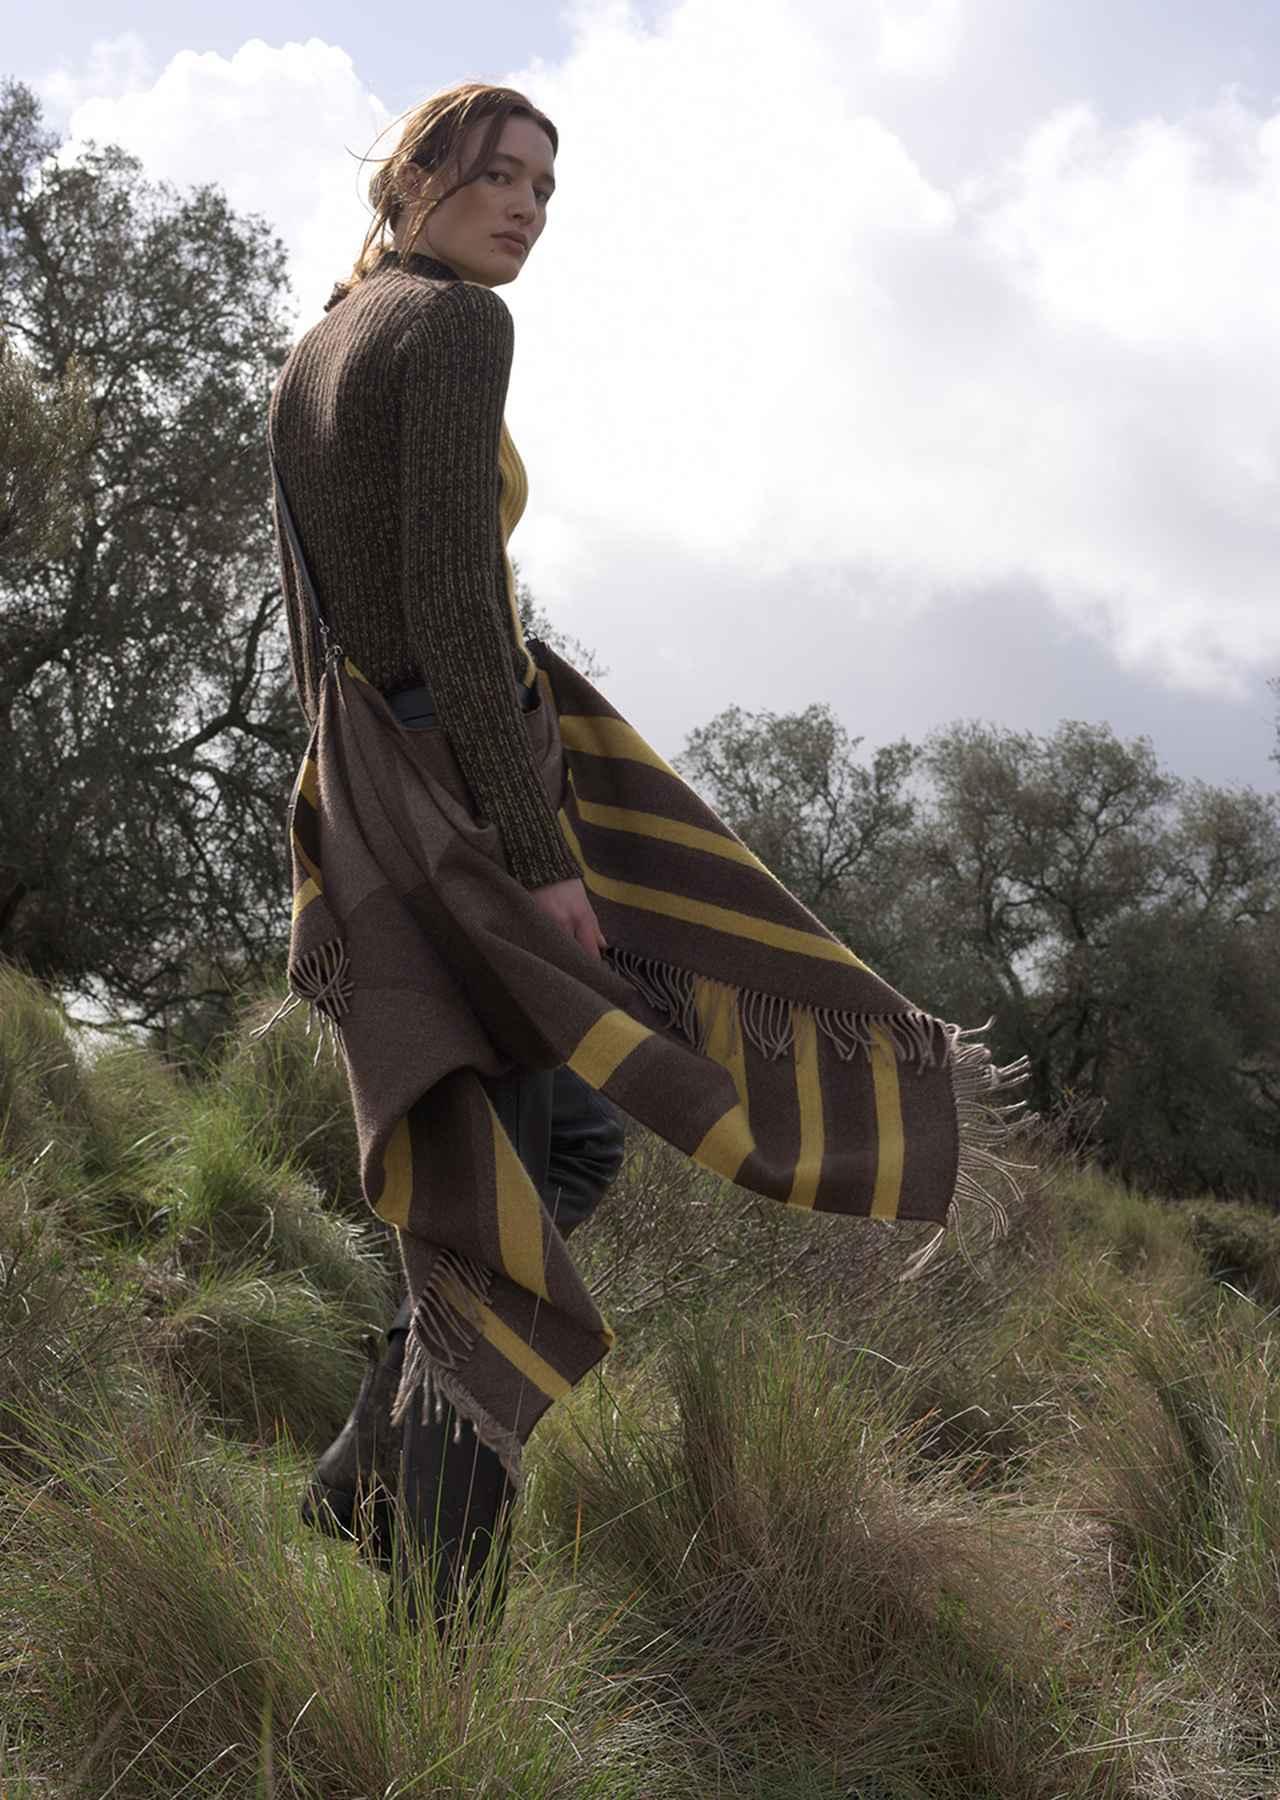 Images : 2番目の画像 - 「エルメス的女性像のキーパーソン バリ・バレが語る 展覧会「彼女と。」の見どころ」のアルバム - T JAPAN:The New York Times Style Magazine 公式サイト